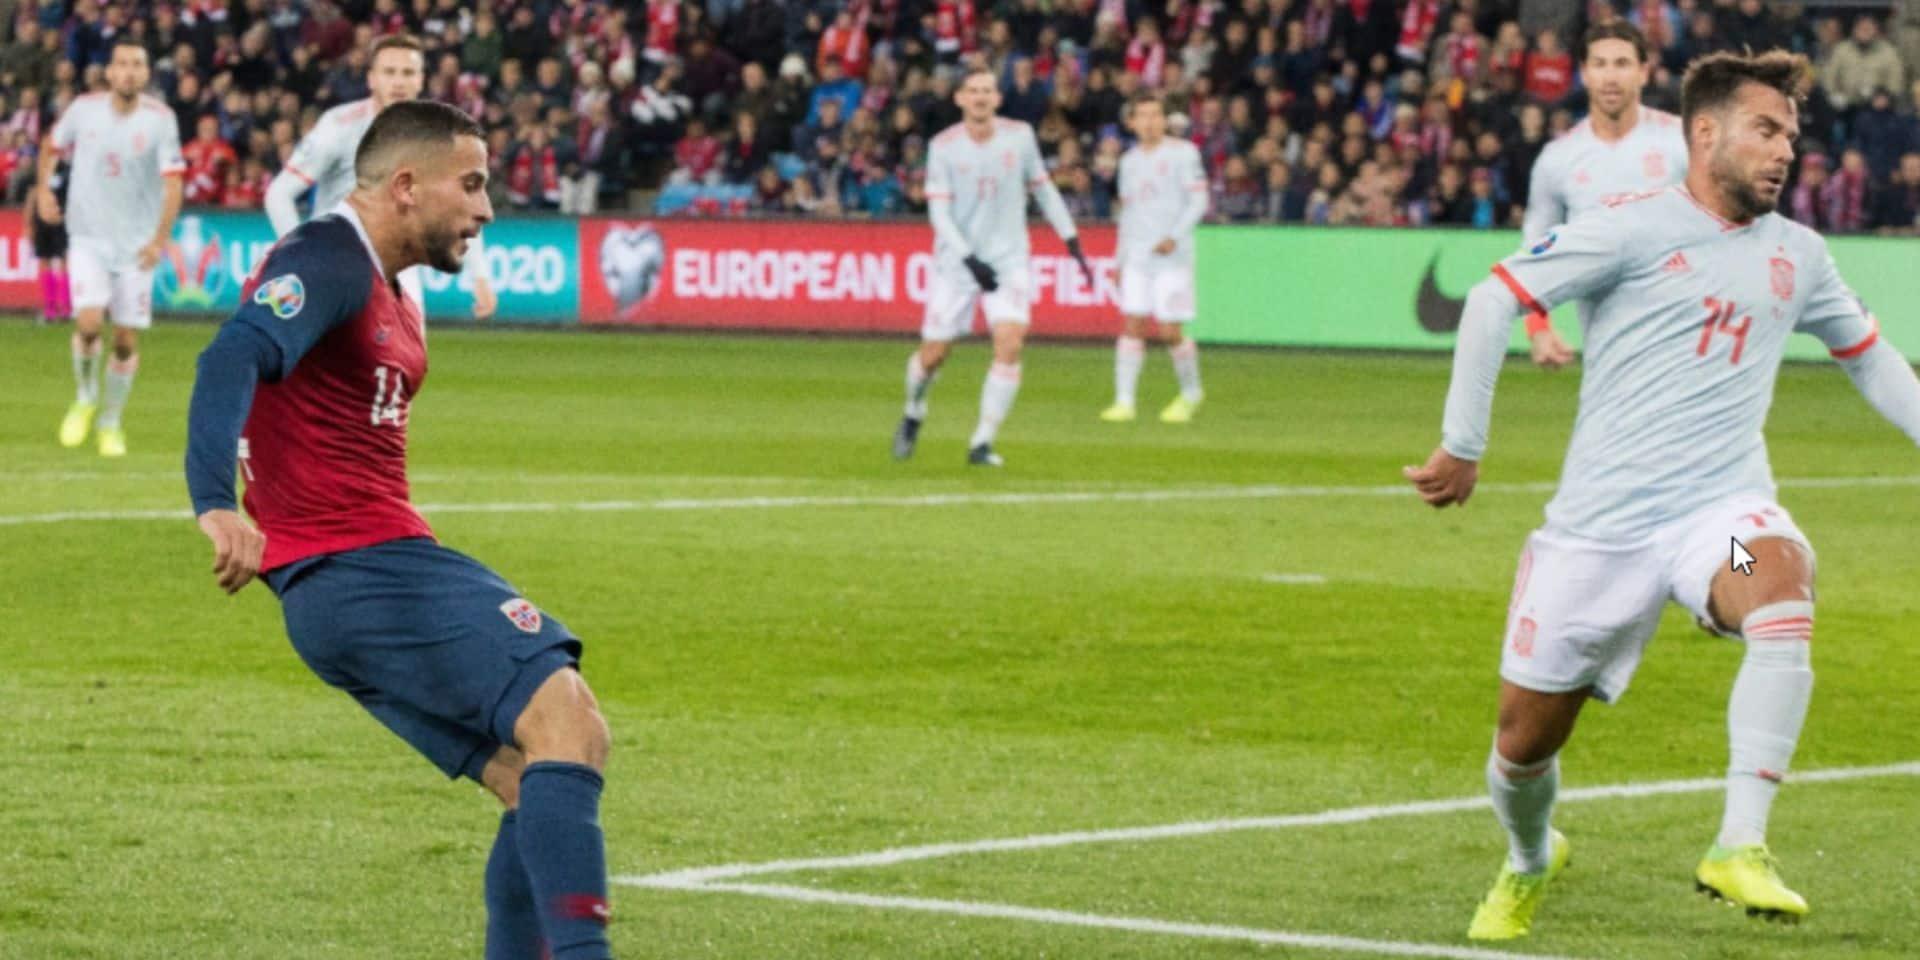 Le match de Ligue des Nations entre la Roumanie et la Norvège annulé